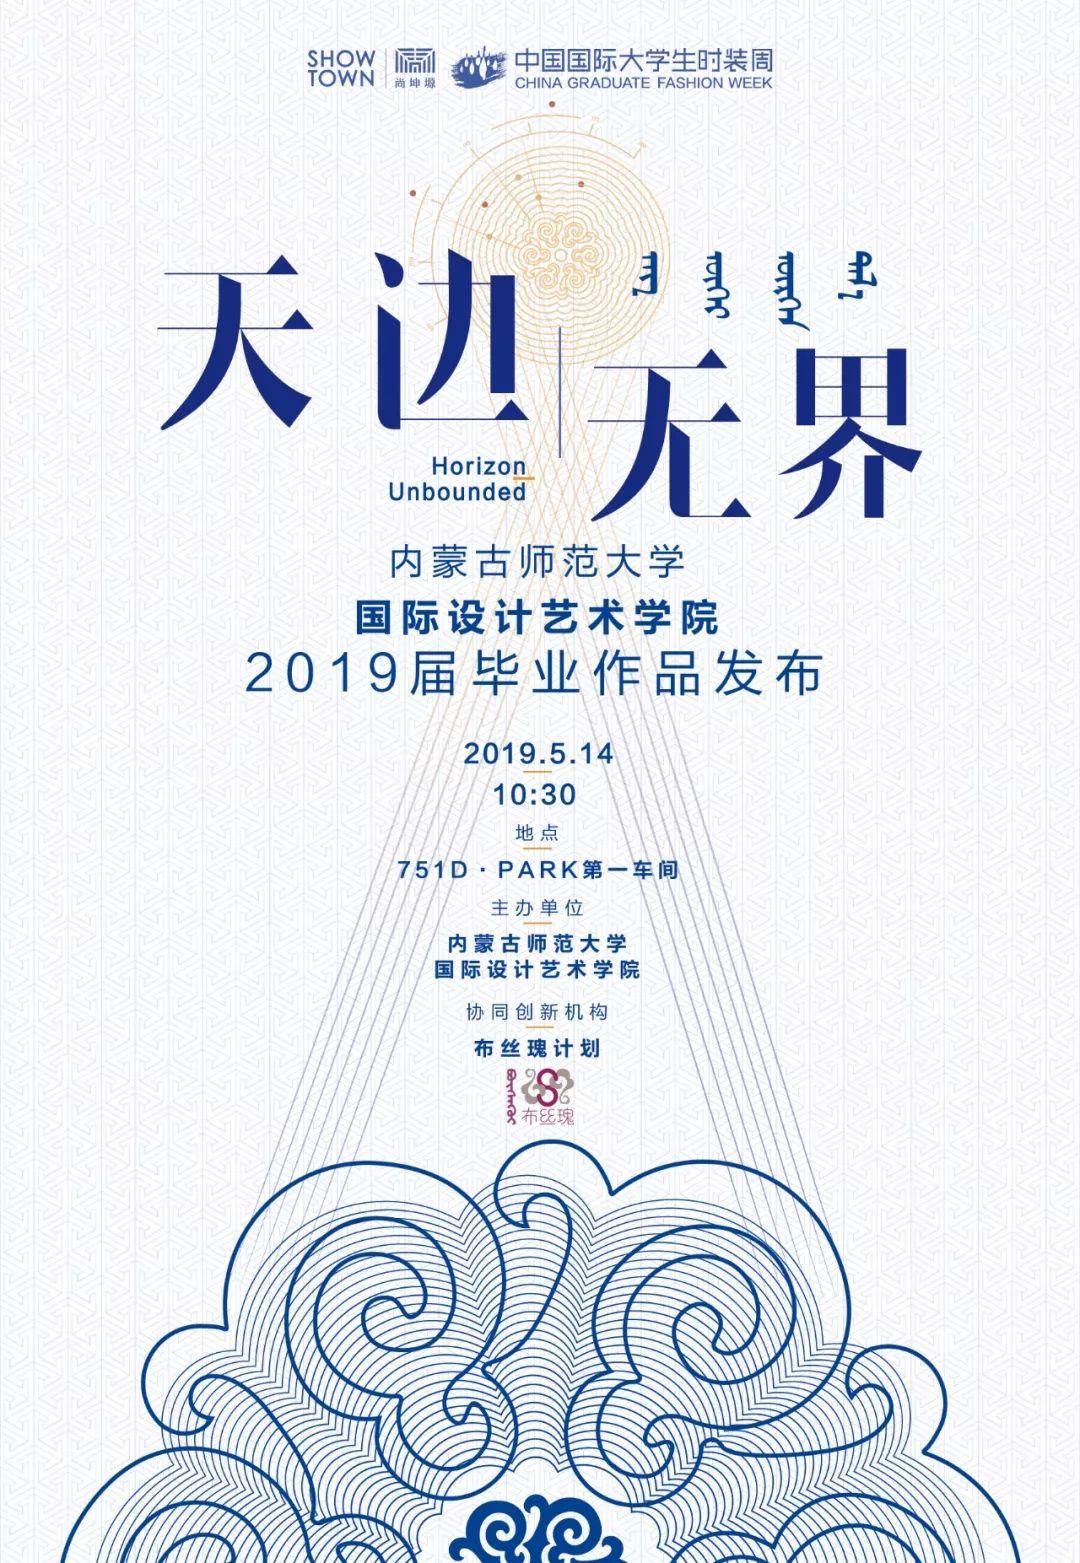 """""""天边·无界""""——内蒙古师范大学国际设计艺术学院毕业作品北京发布 第1张"""